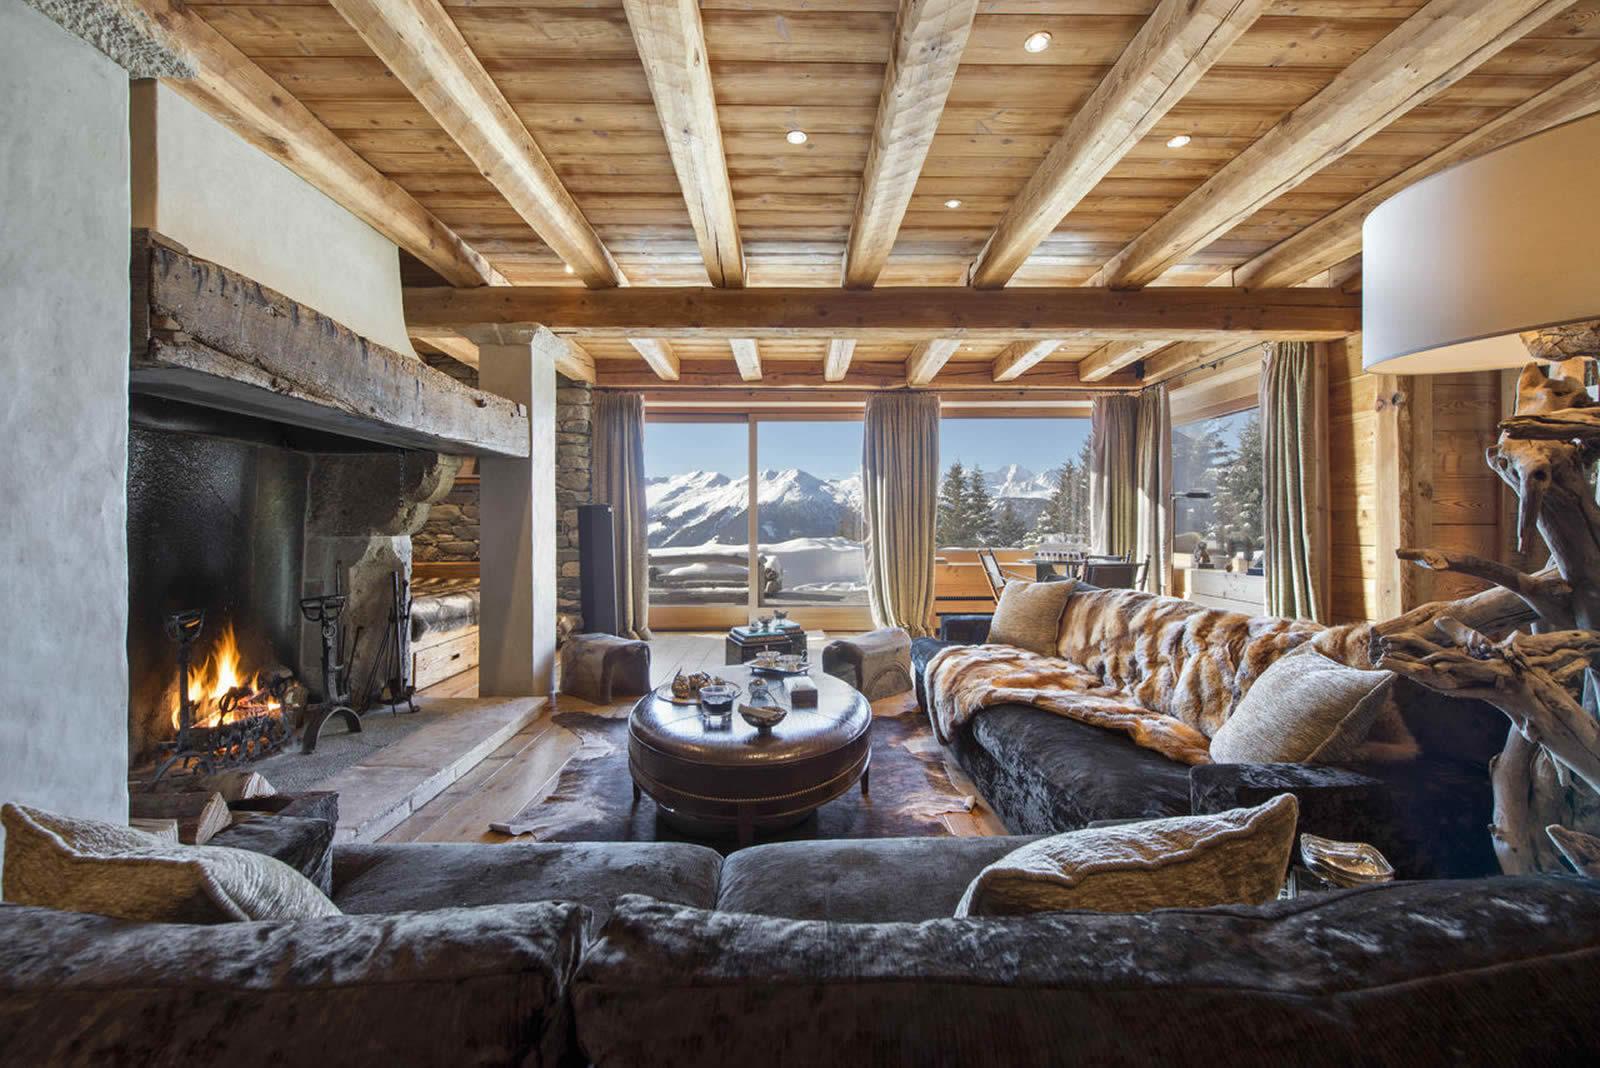 conseils-proprietaire-chalet-penthouse-chic-ski